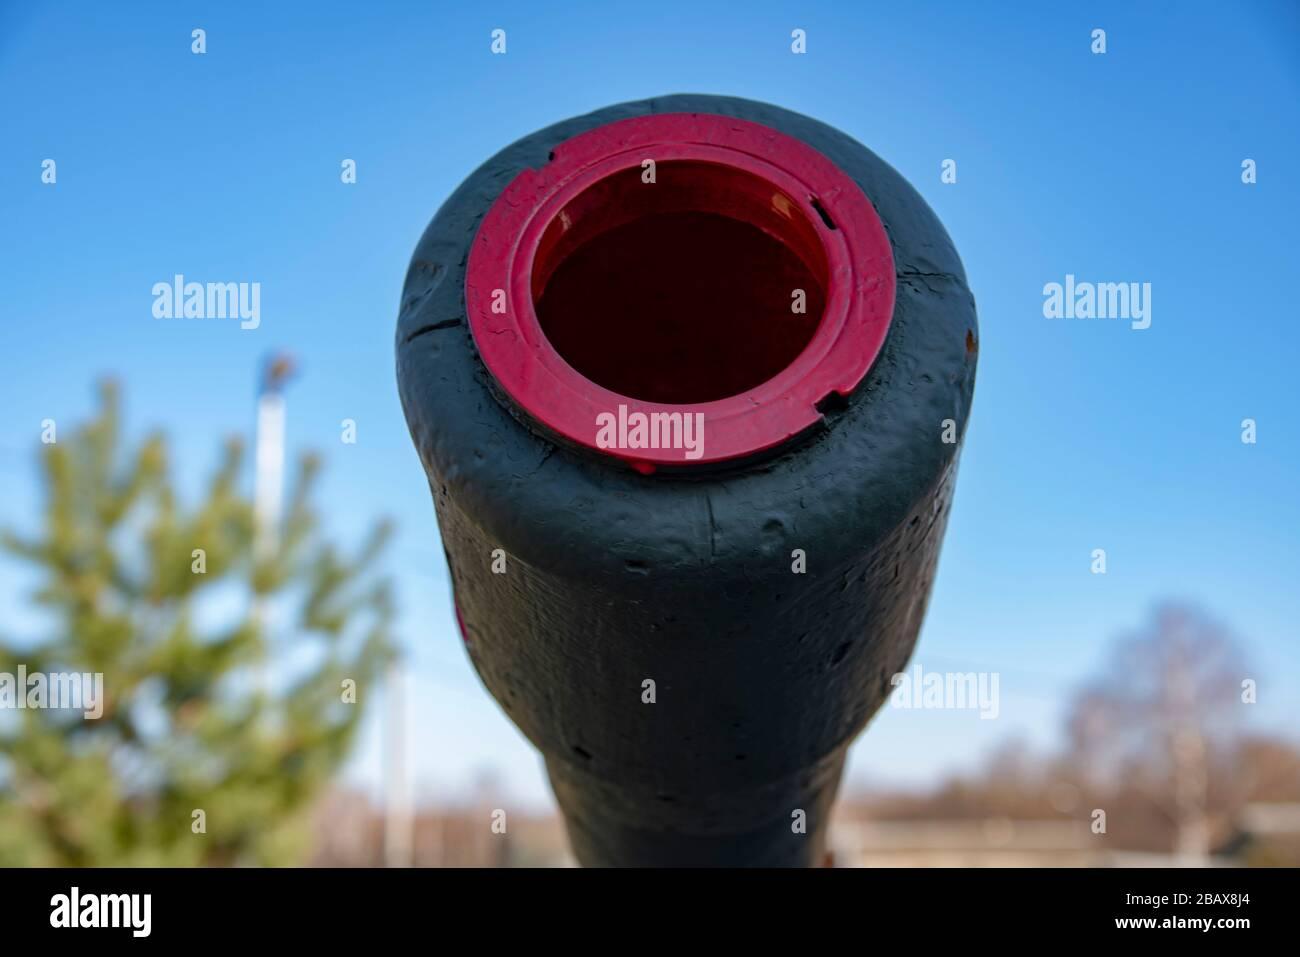 Le museau du canon, photographié en gros plan. Banque D'Images